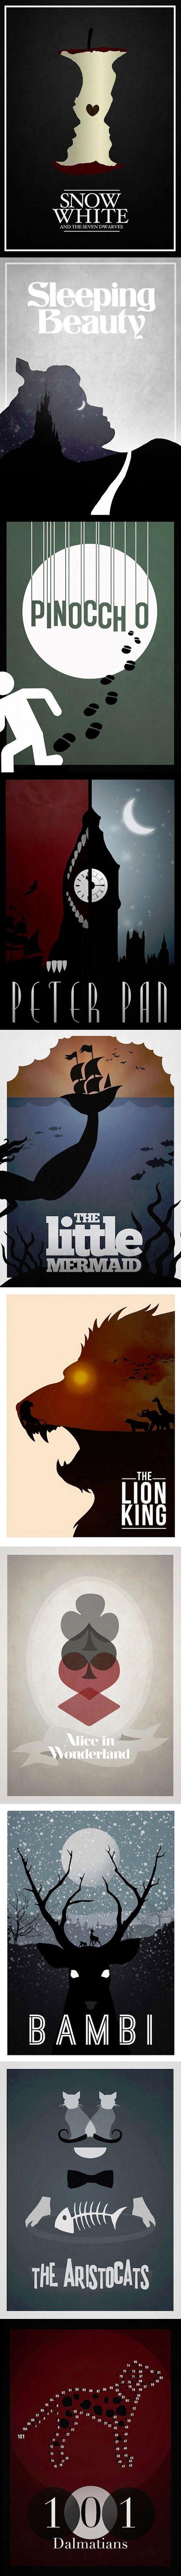 Minimalist posters of Disney films.